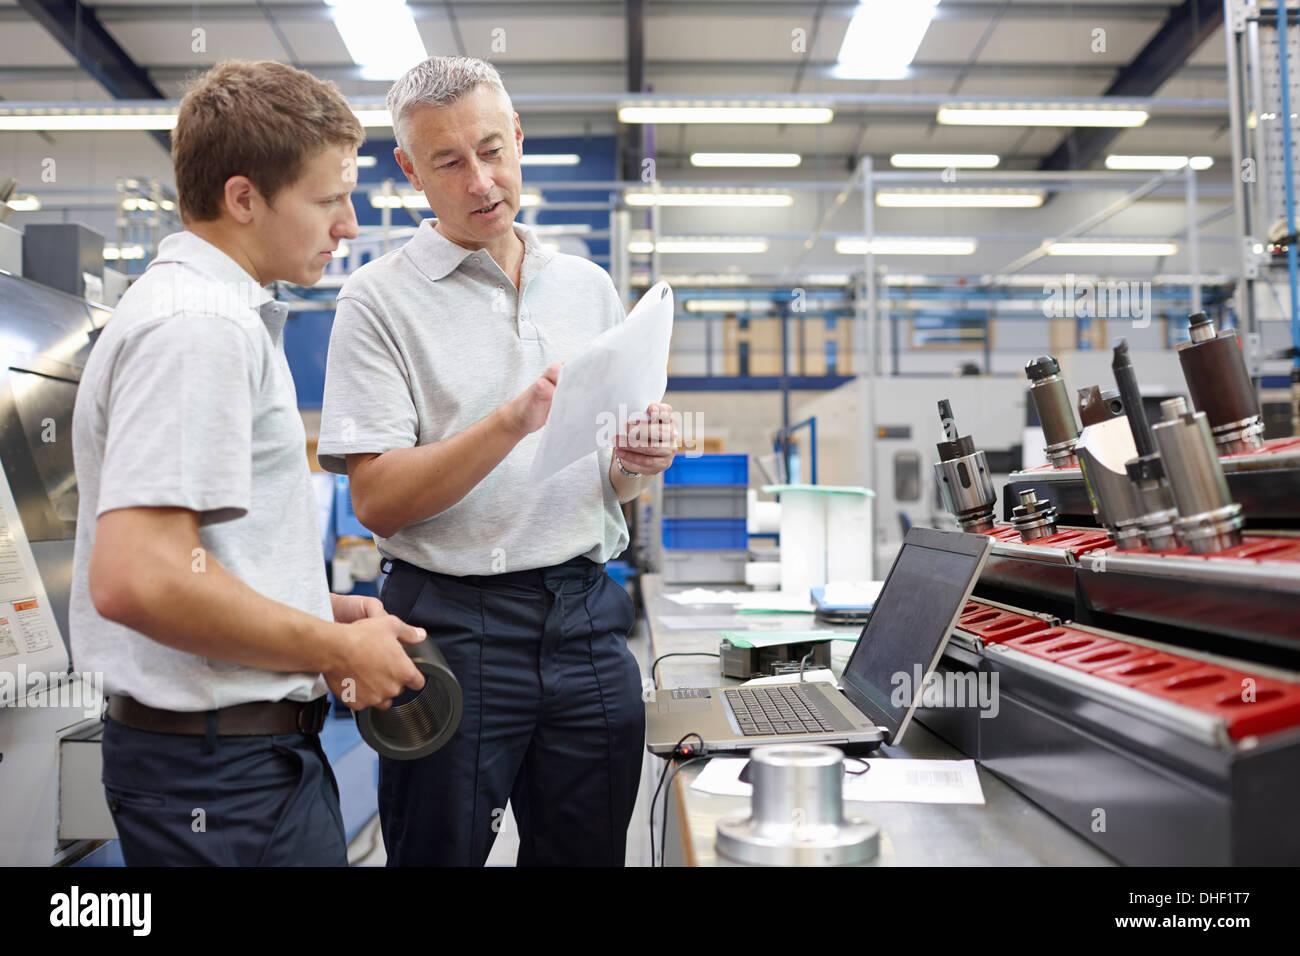 Trabajador y manager reunión en almacén de ingeniería Imagen De Stock